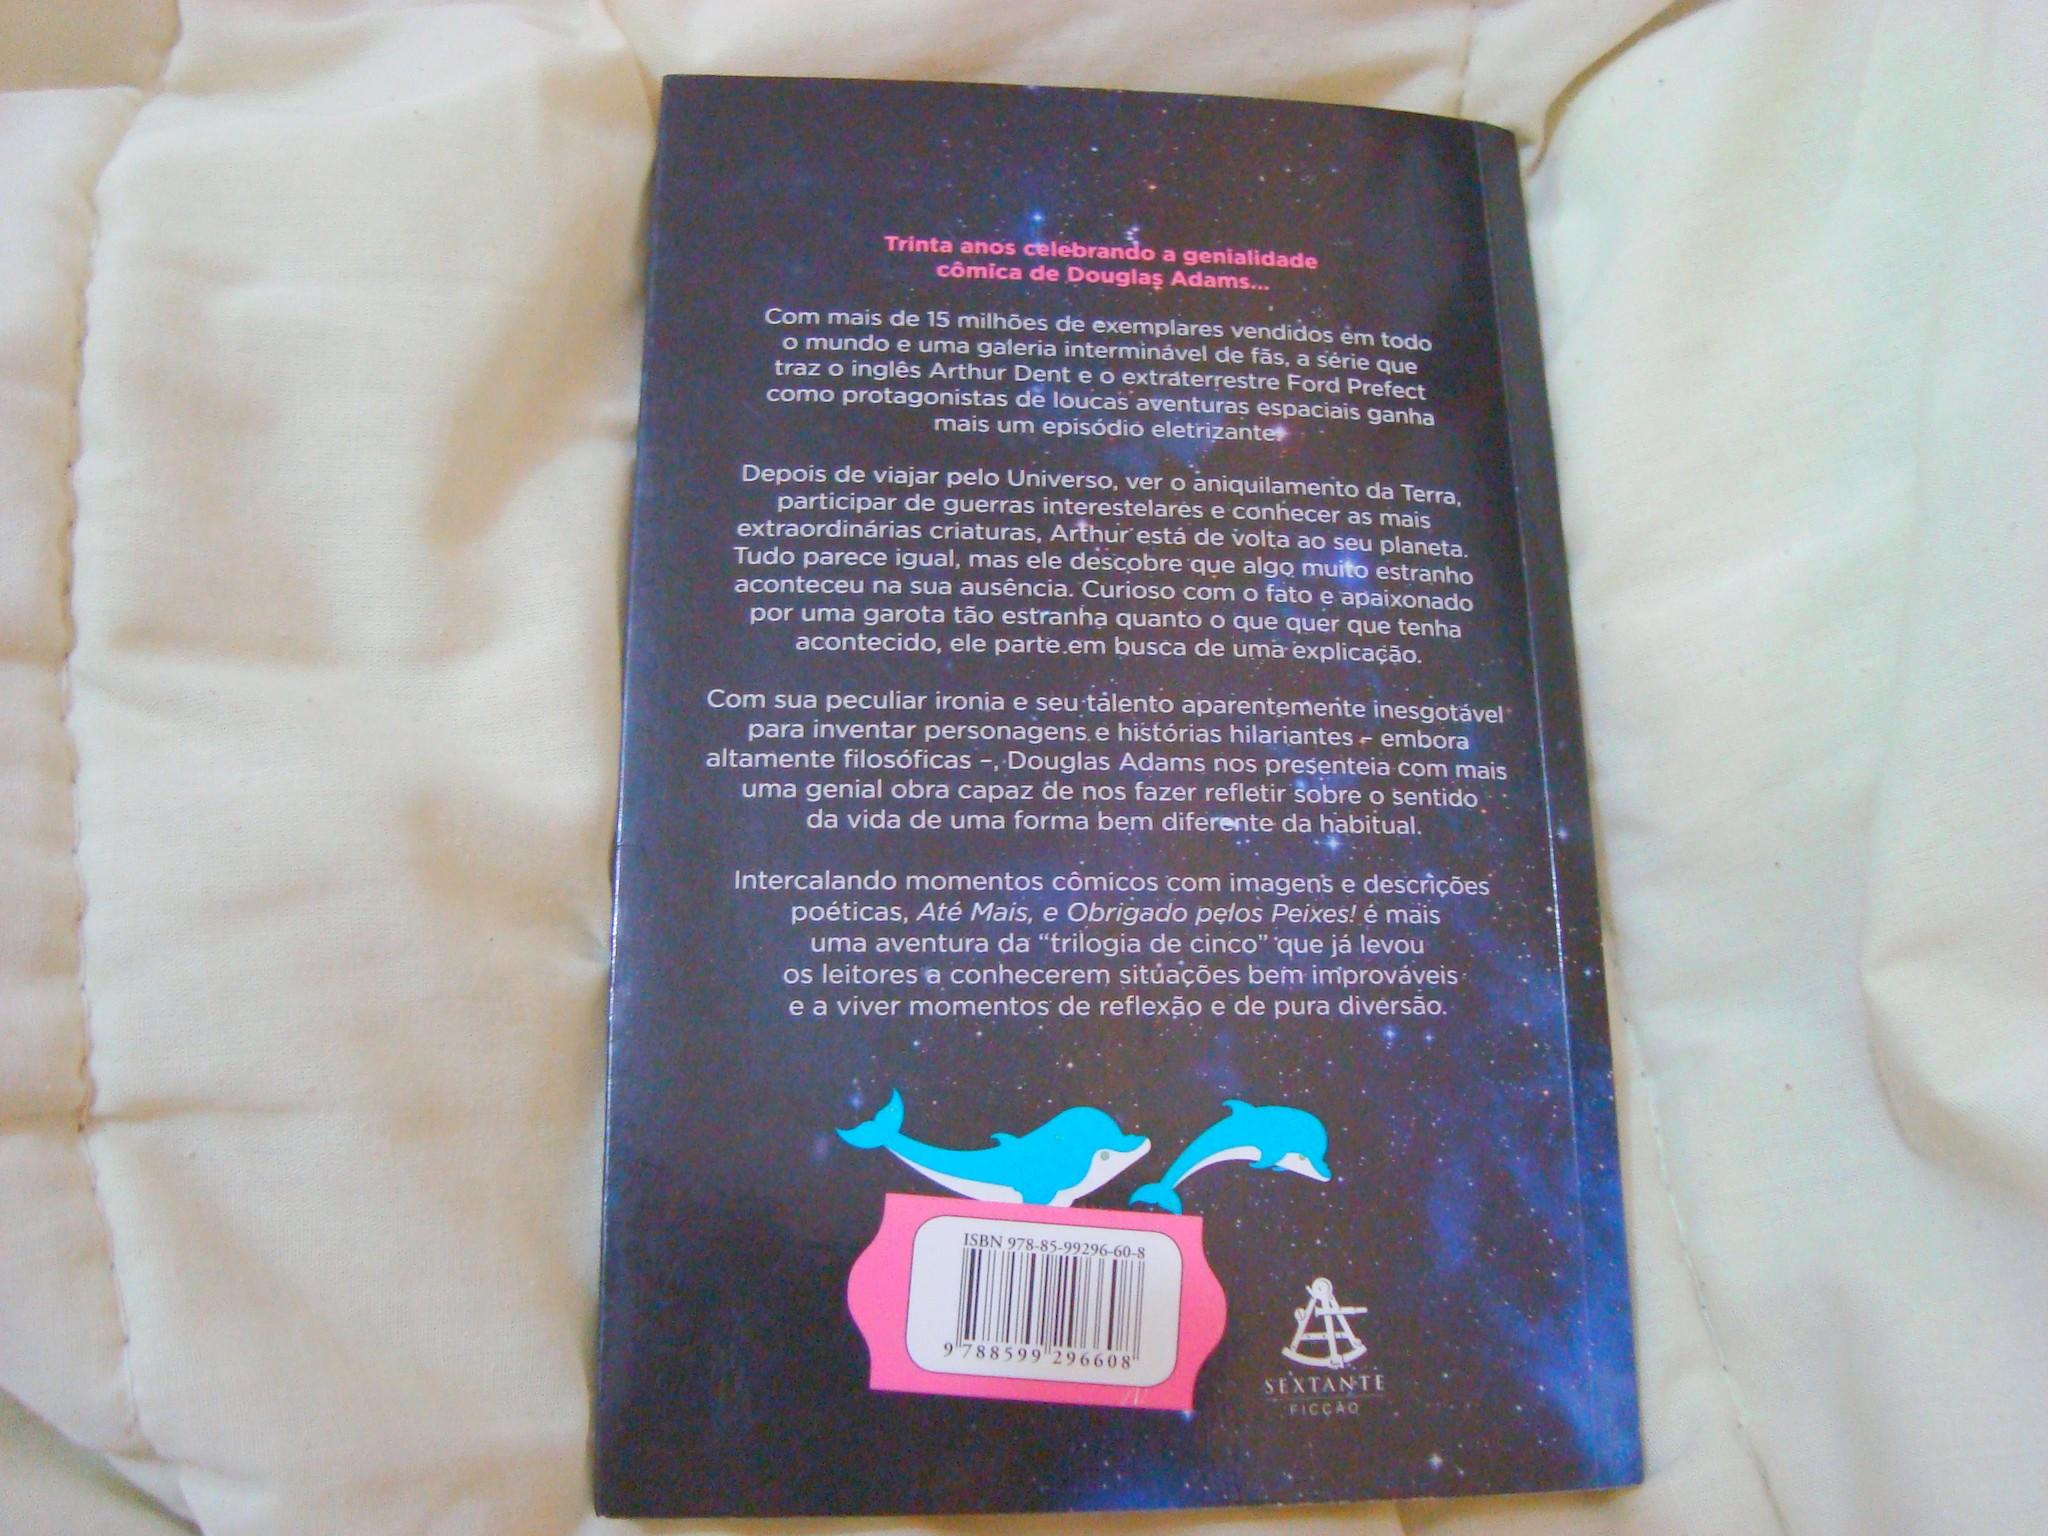 Contra capa do livro Até mais, e obrigado pelos peixes, da série o guia do mochileiro das galáxias